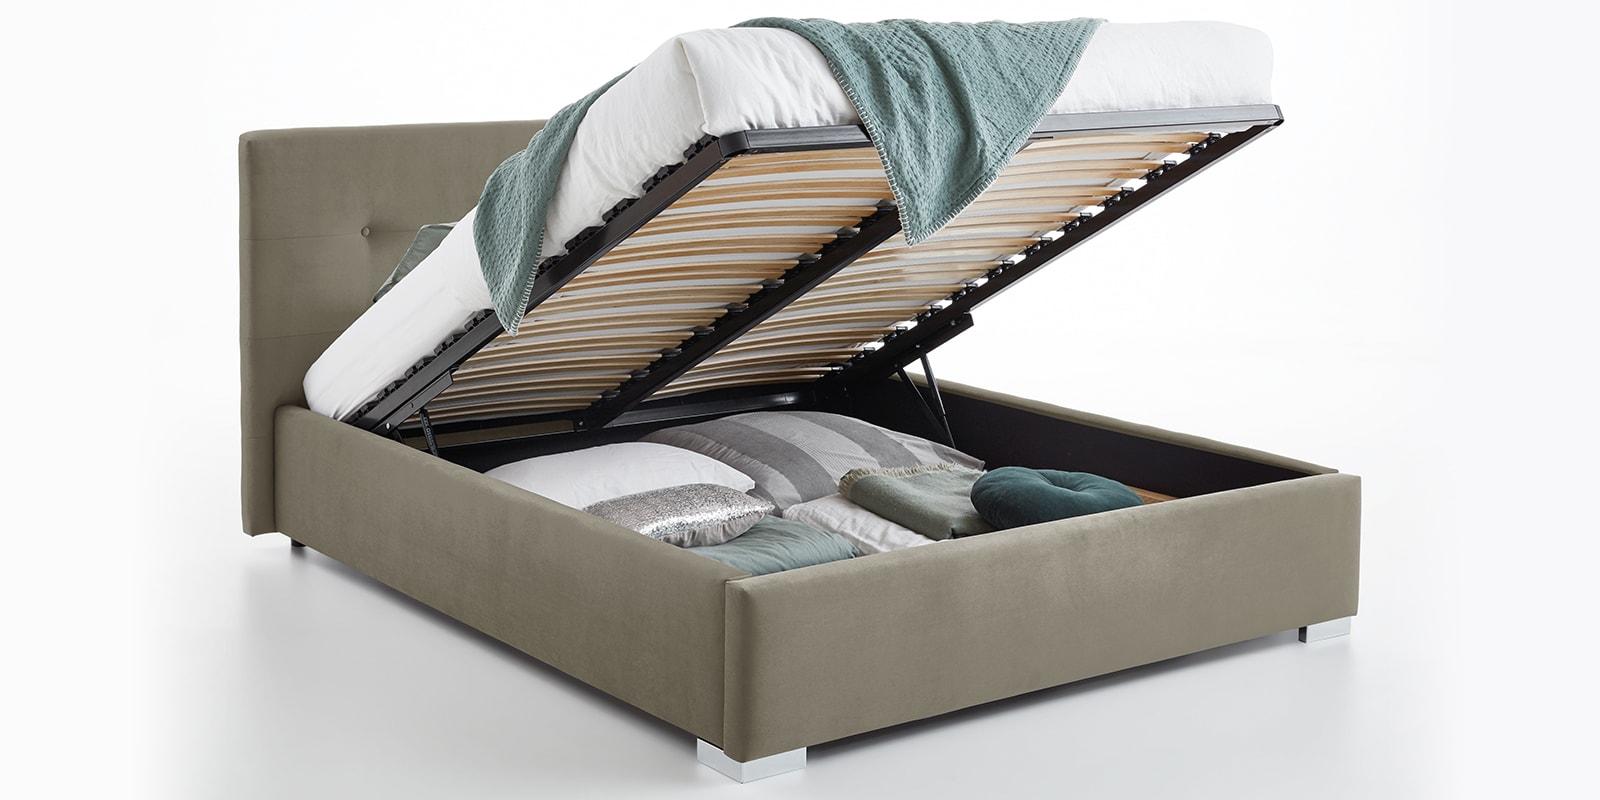 Moebella24 - Bett - mit - Bettkasten - Betty - Samt - Taupe - Stauraum - Kopfteil - mit - Knopfheftung- Bettkasten - Geöffnet